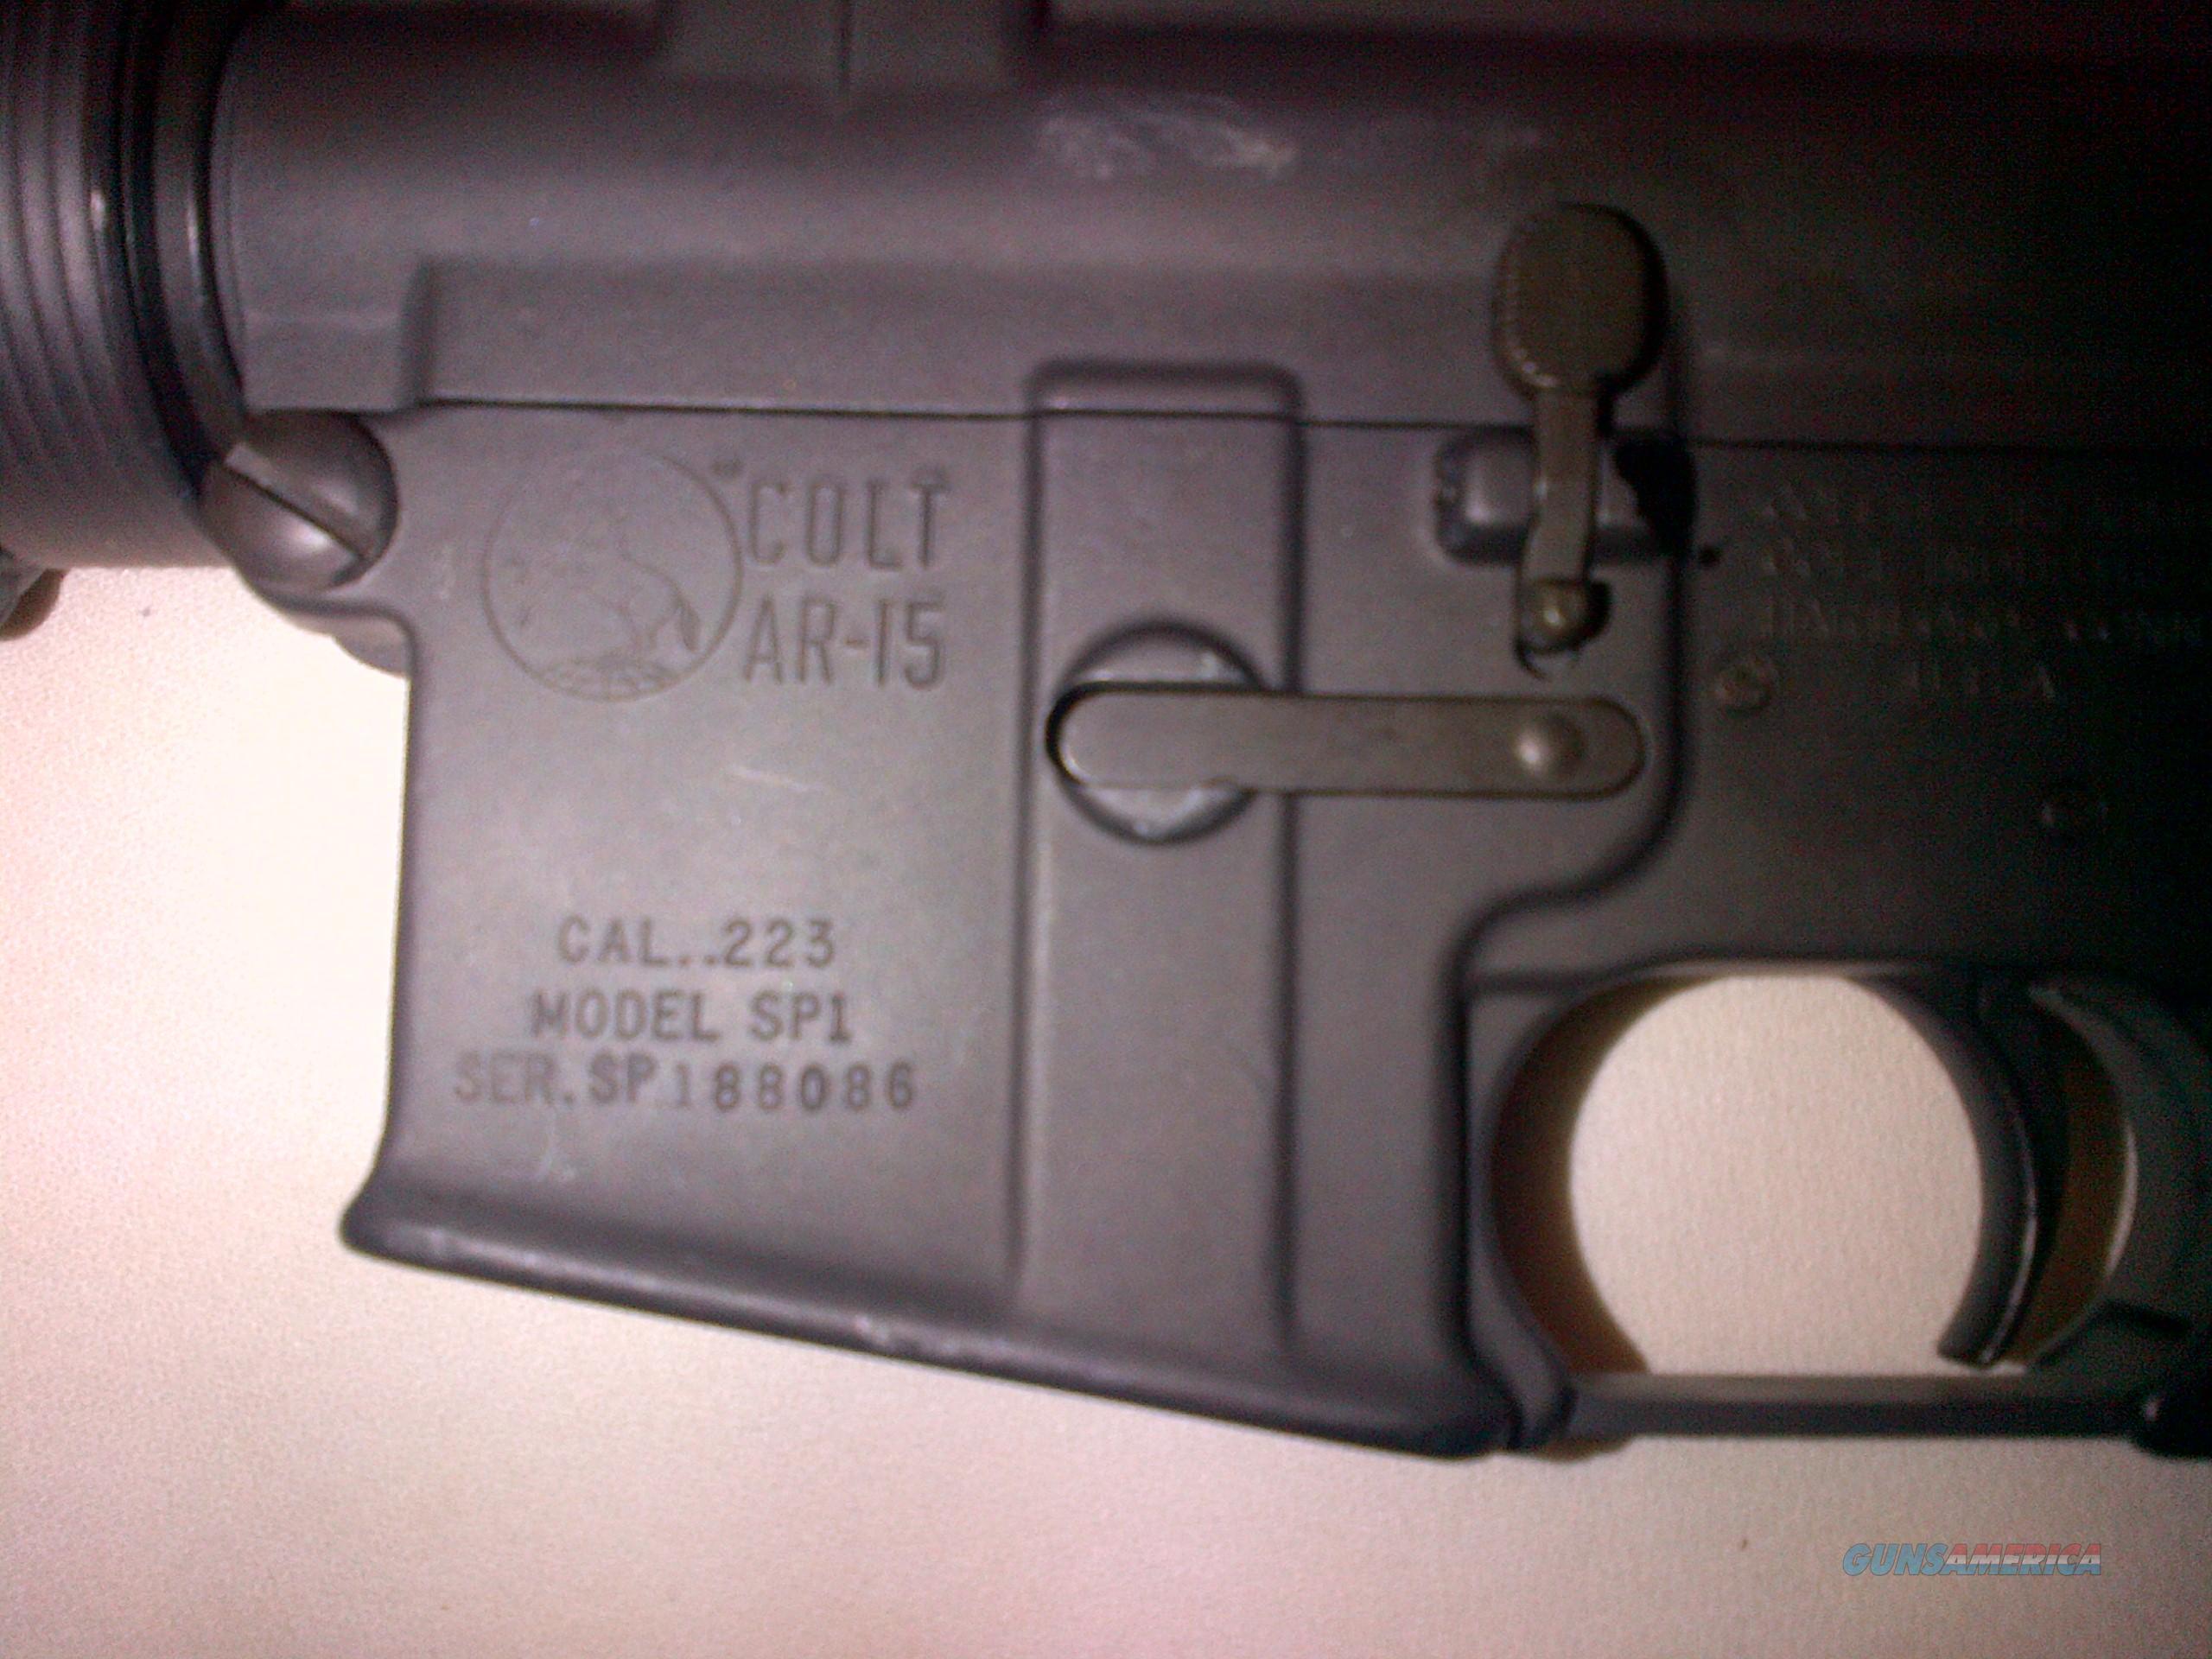 Original Colt SP-1AR-15  Guns > Rifles > Colt Military/Tactical Rifles